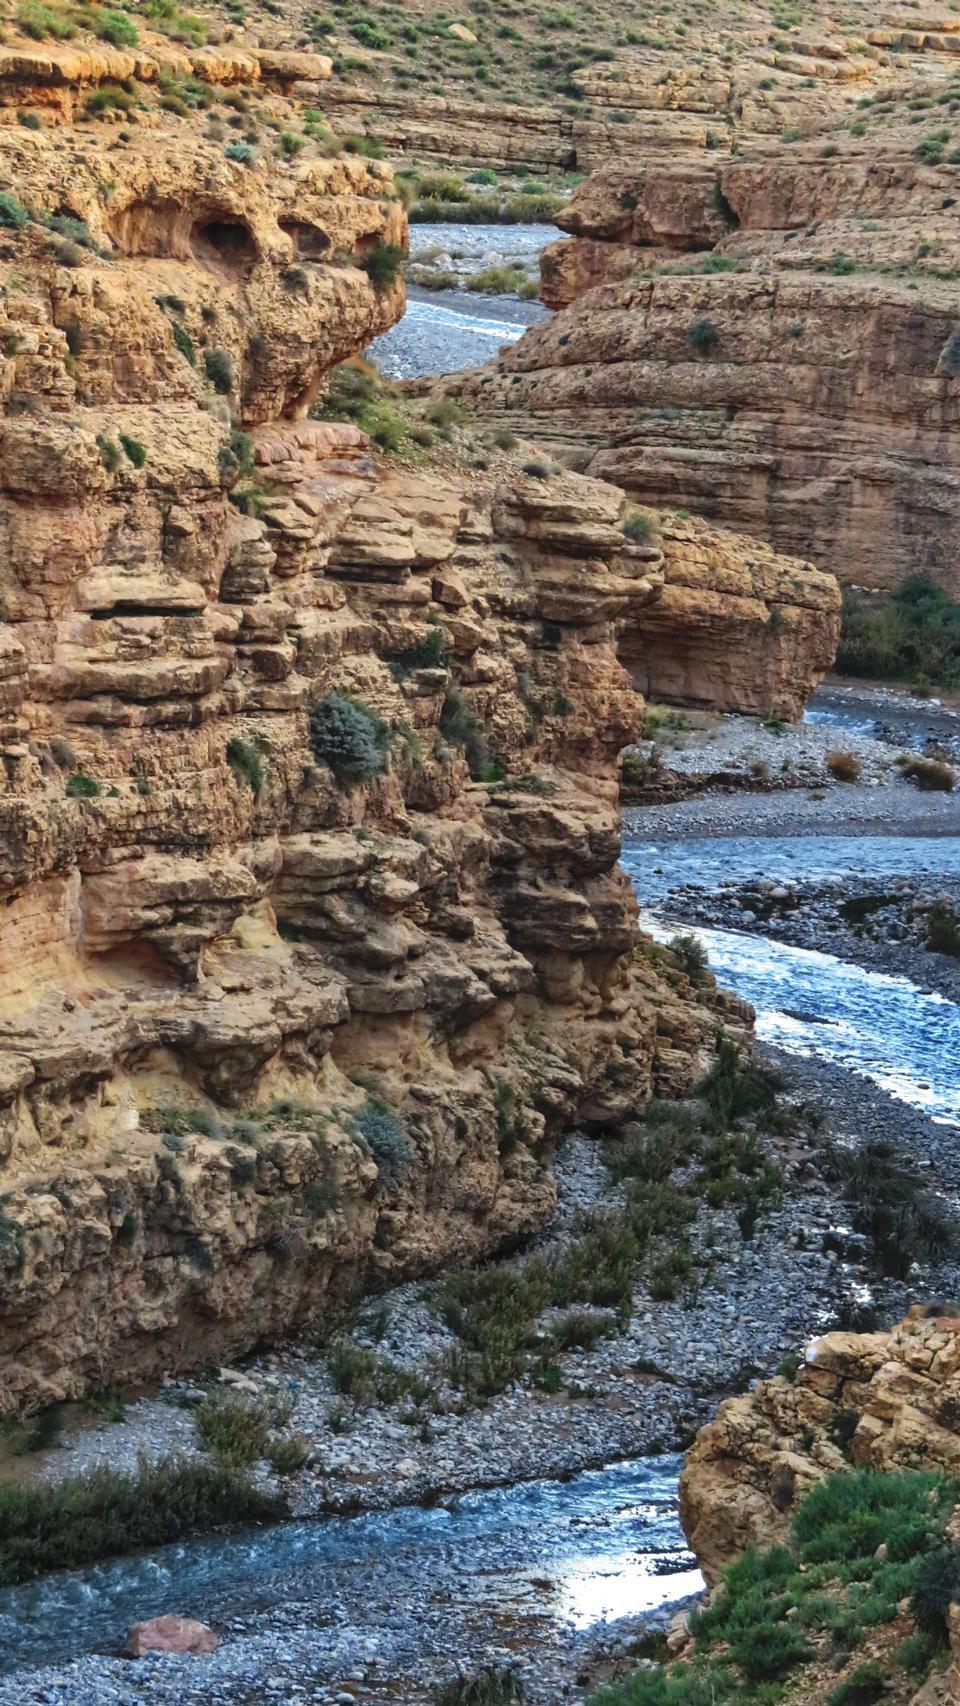 ウニラ渓谷の風景。モロッコ